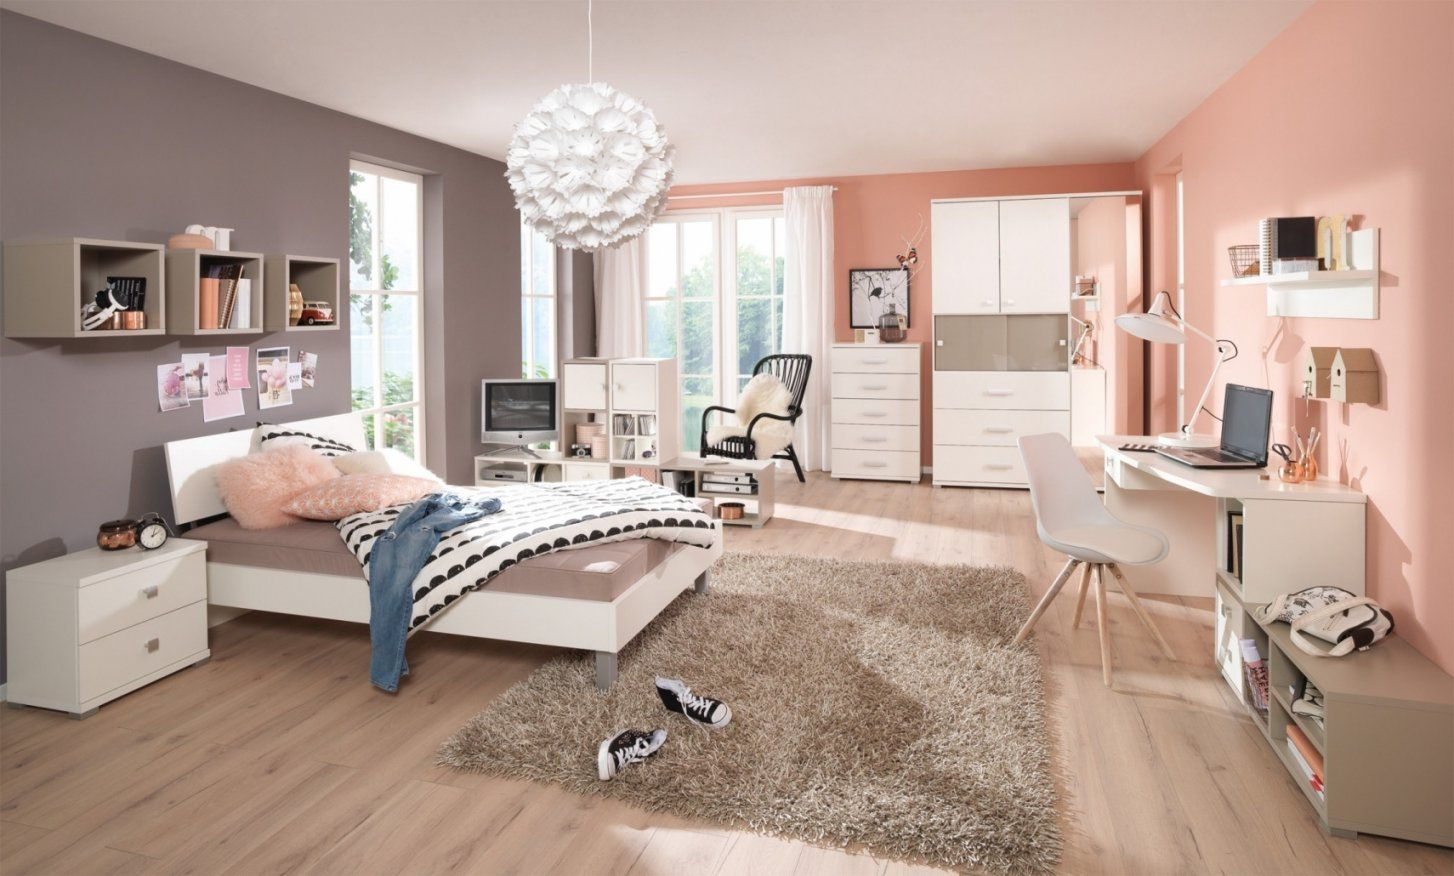 Gemütlich Jugendzimmer Mädchen Ikea Gestalten Aus Ideen Avec von Ideen Für Jugendzimmer Mädchen Bild